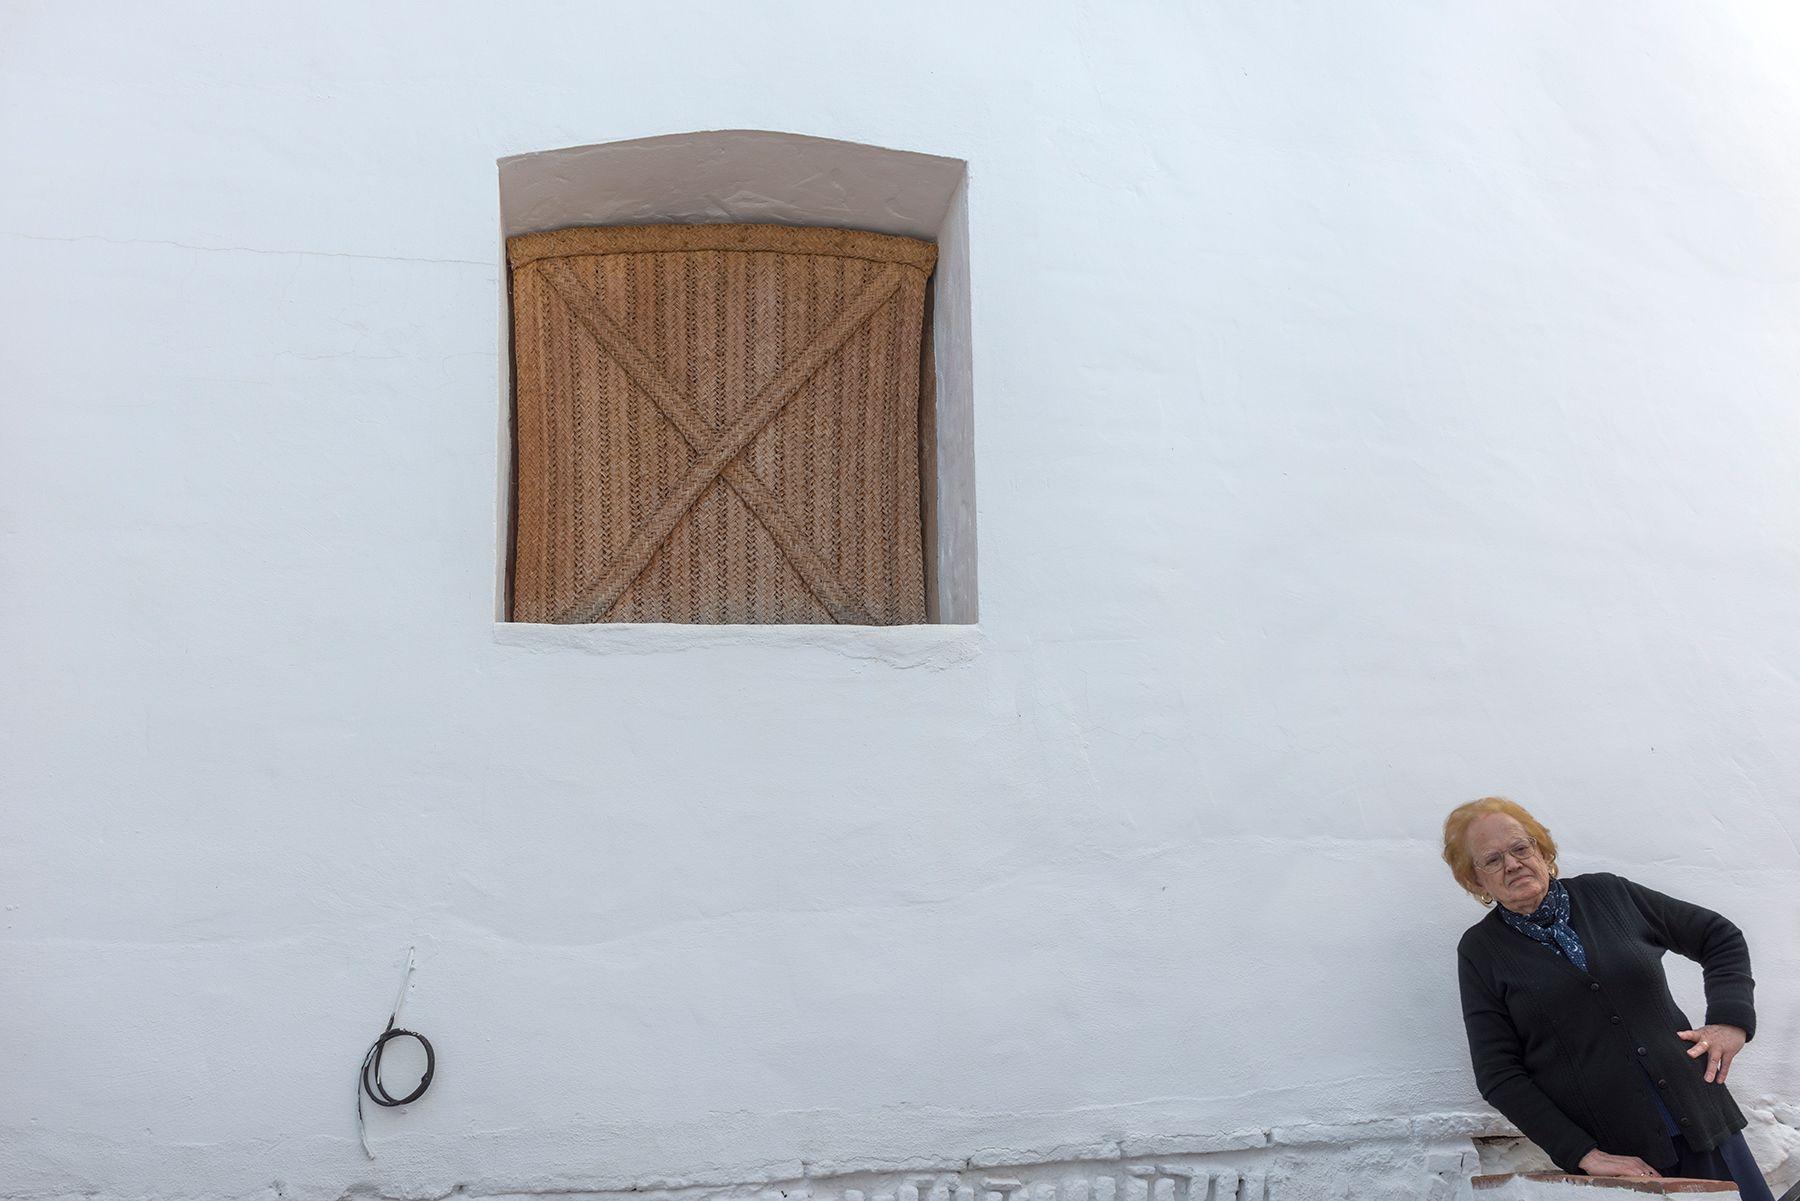 Mujer curiosa y ventana con cortina de esparto